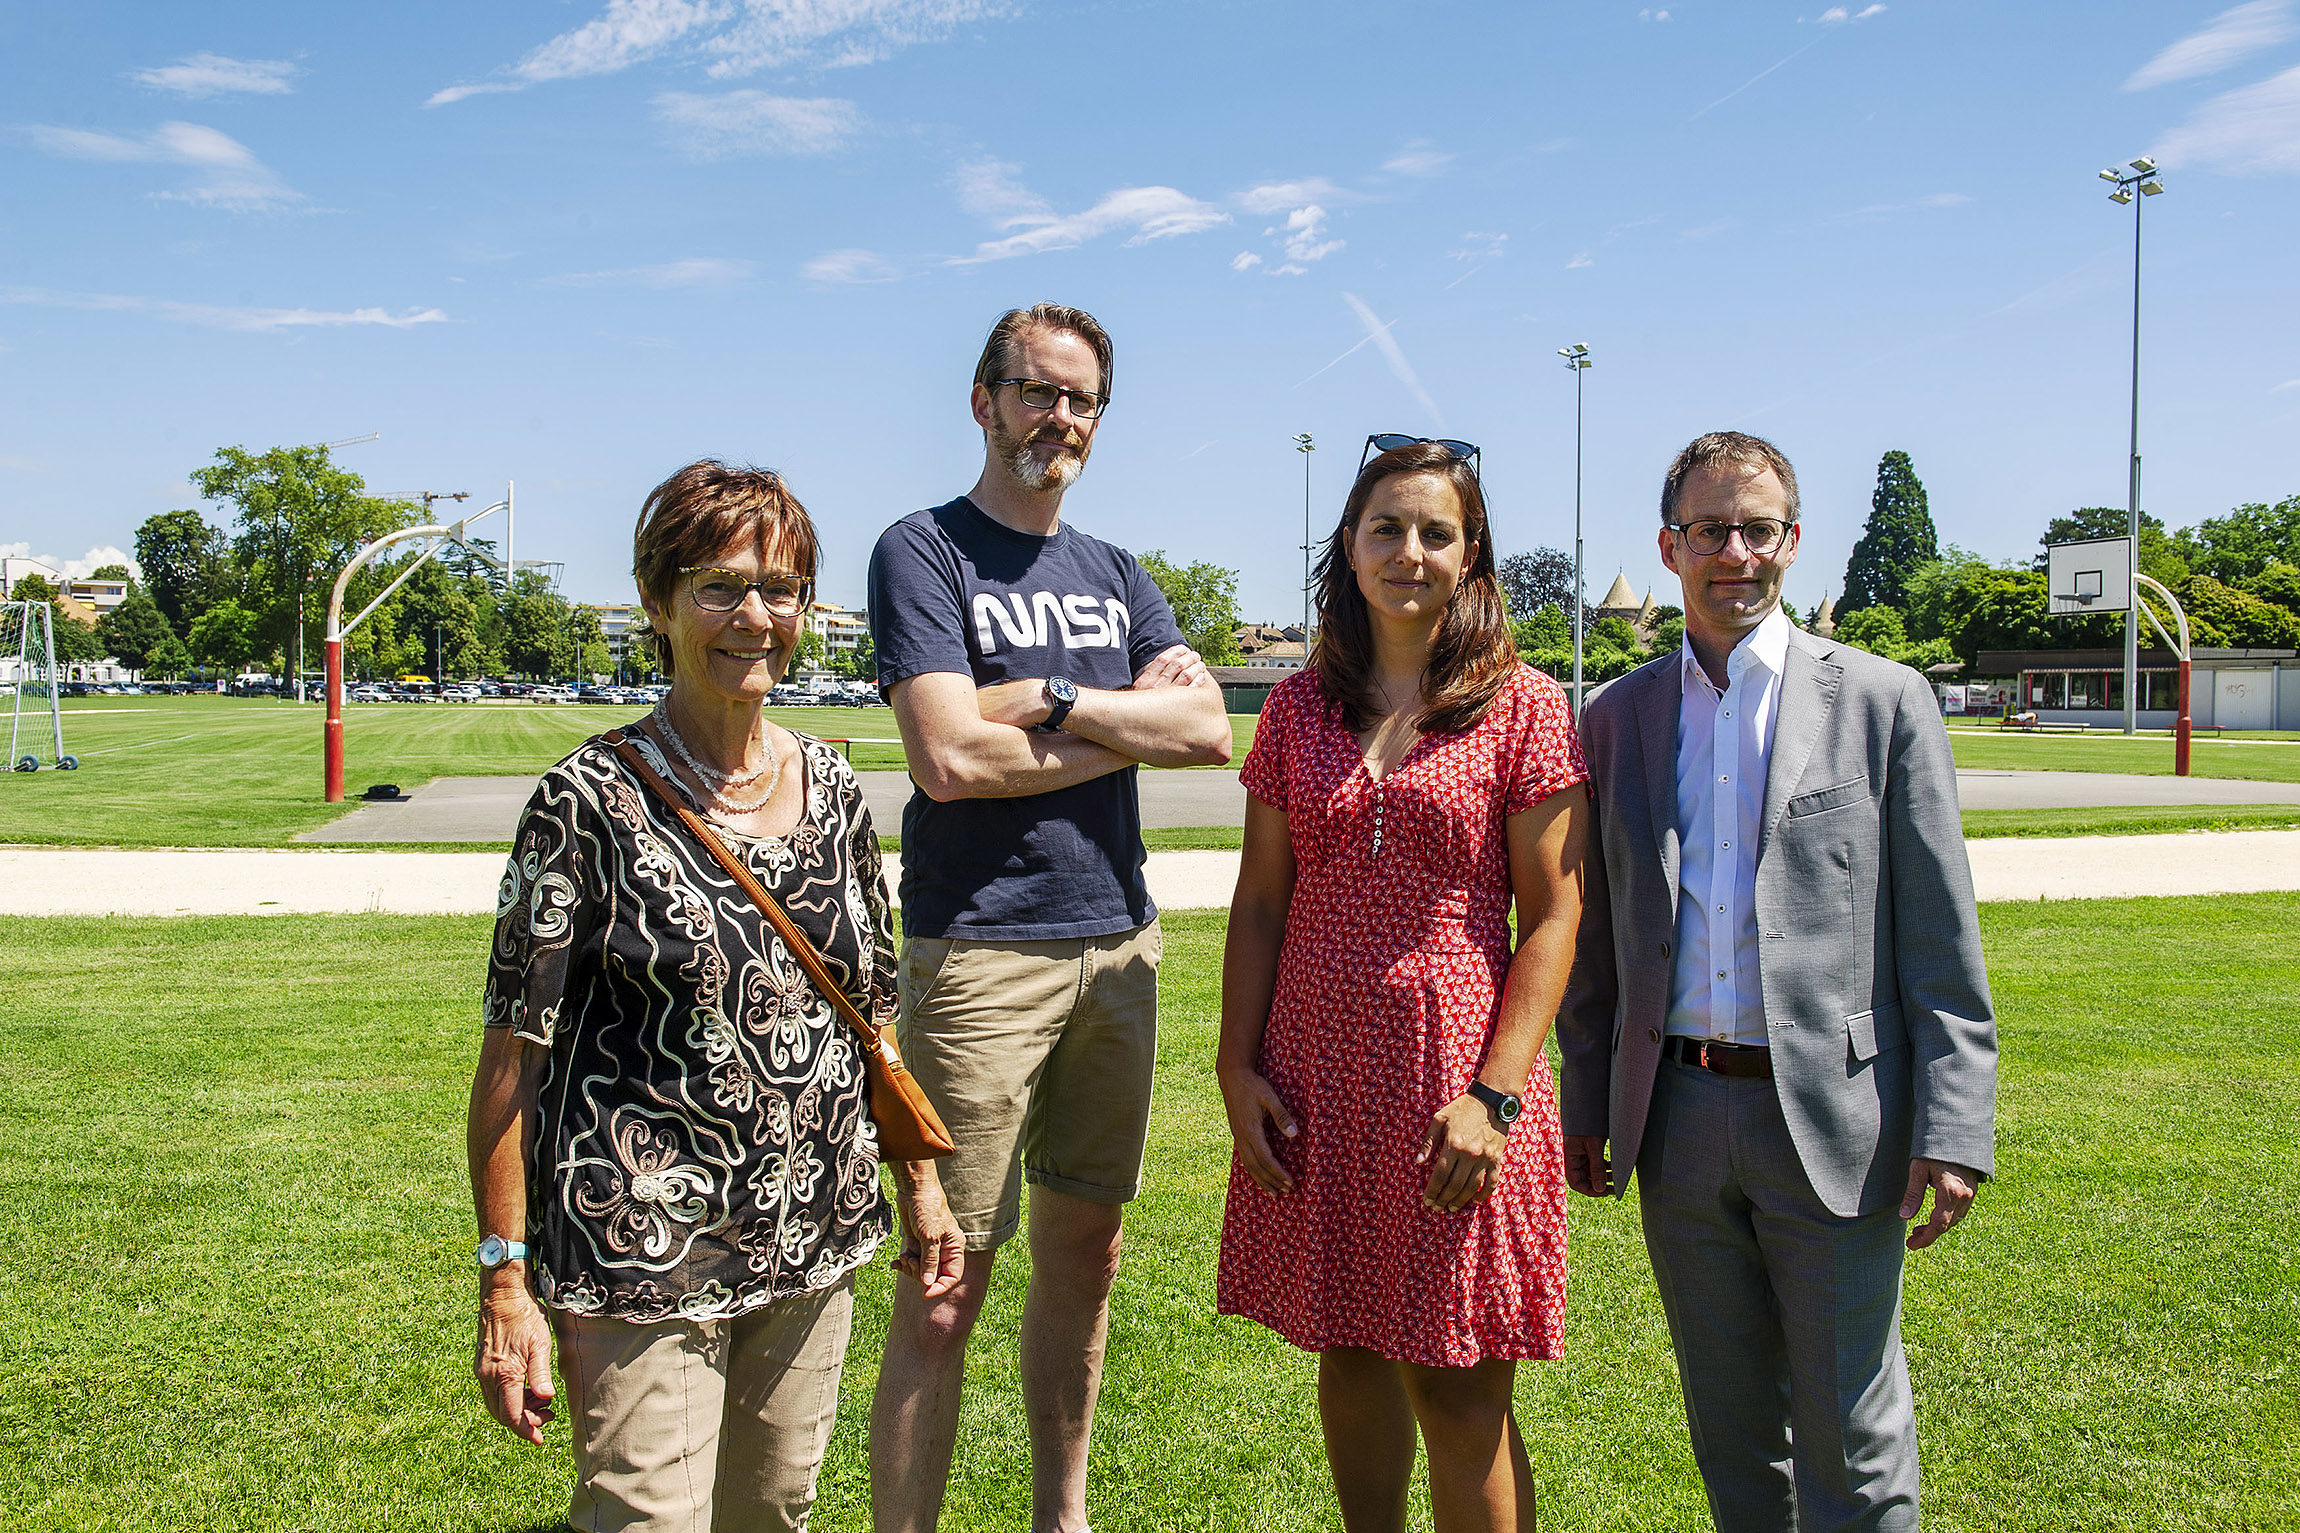 Référendum à Morges: la campagne va enfin pouvoir débuter